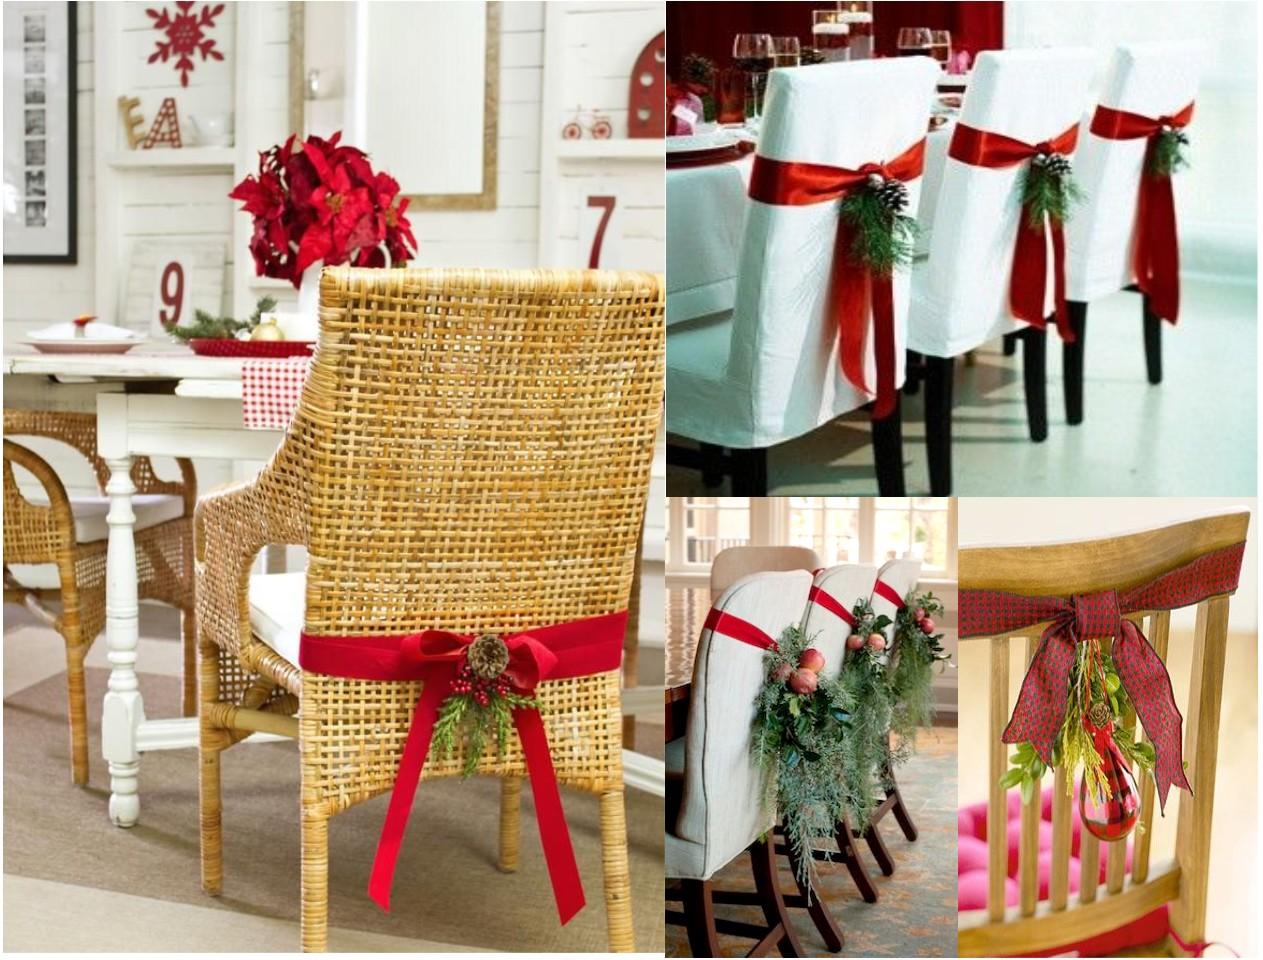 9 sillas decoradas de navidad que te inspirarán